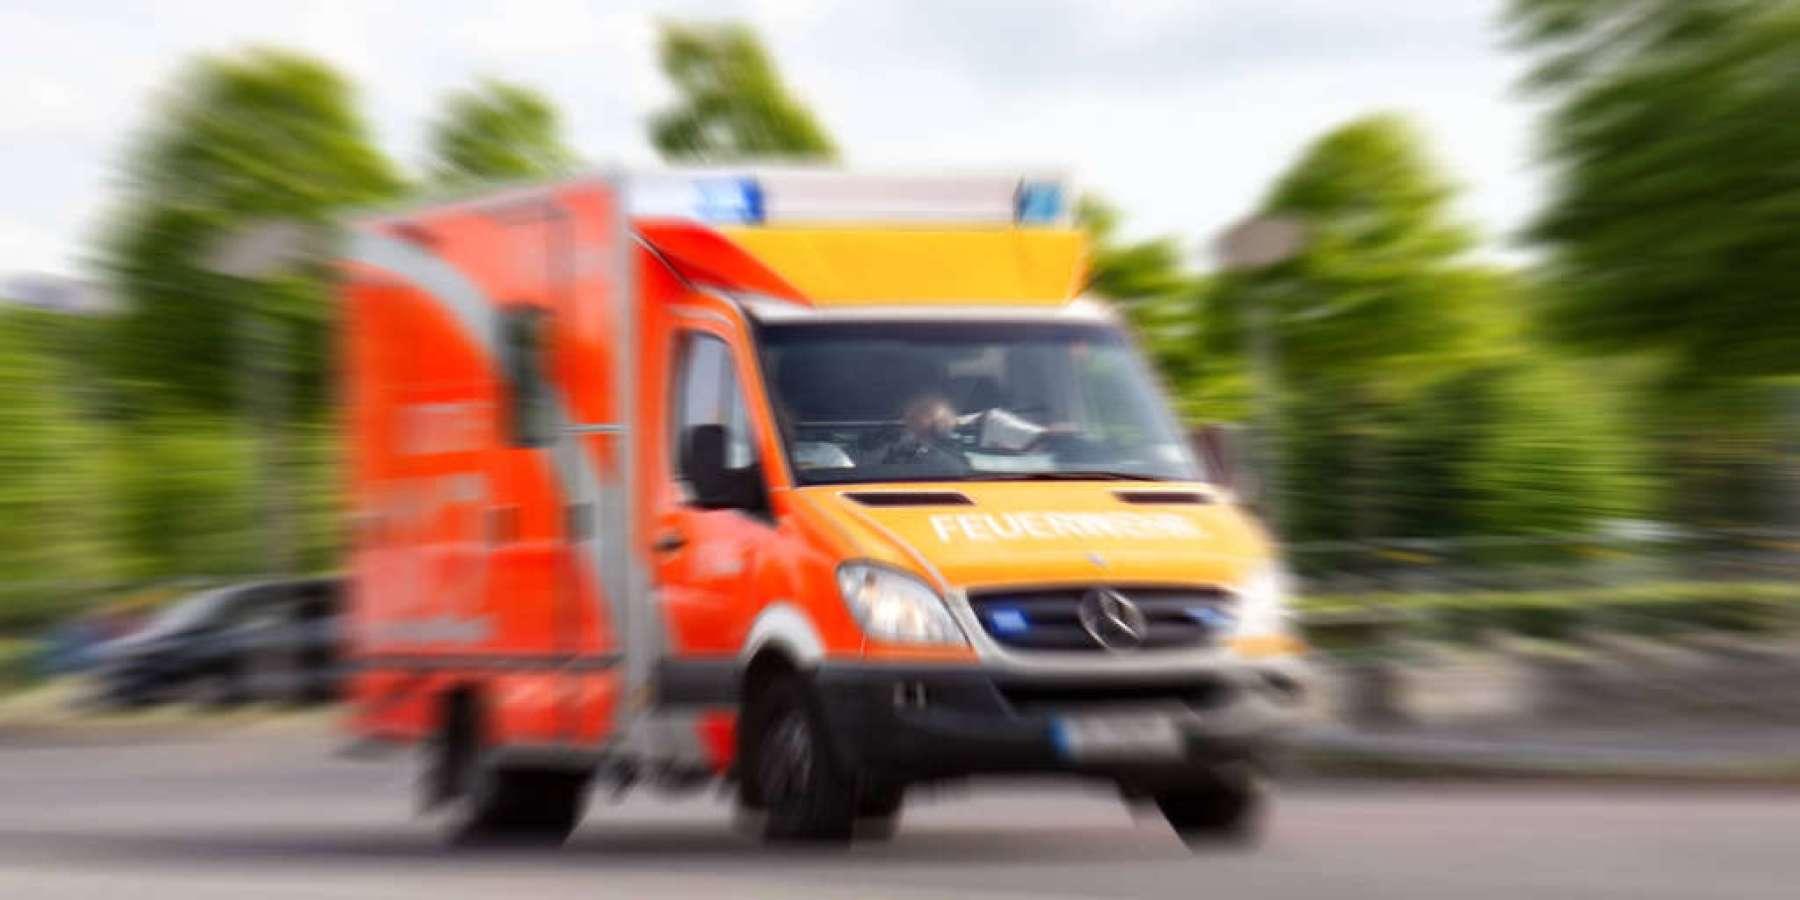 9 Jähriger Junge bei Unfall schwer verletzt